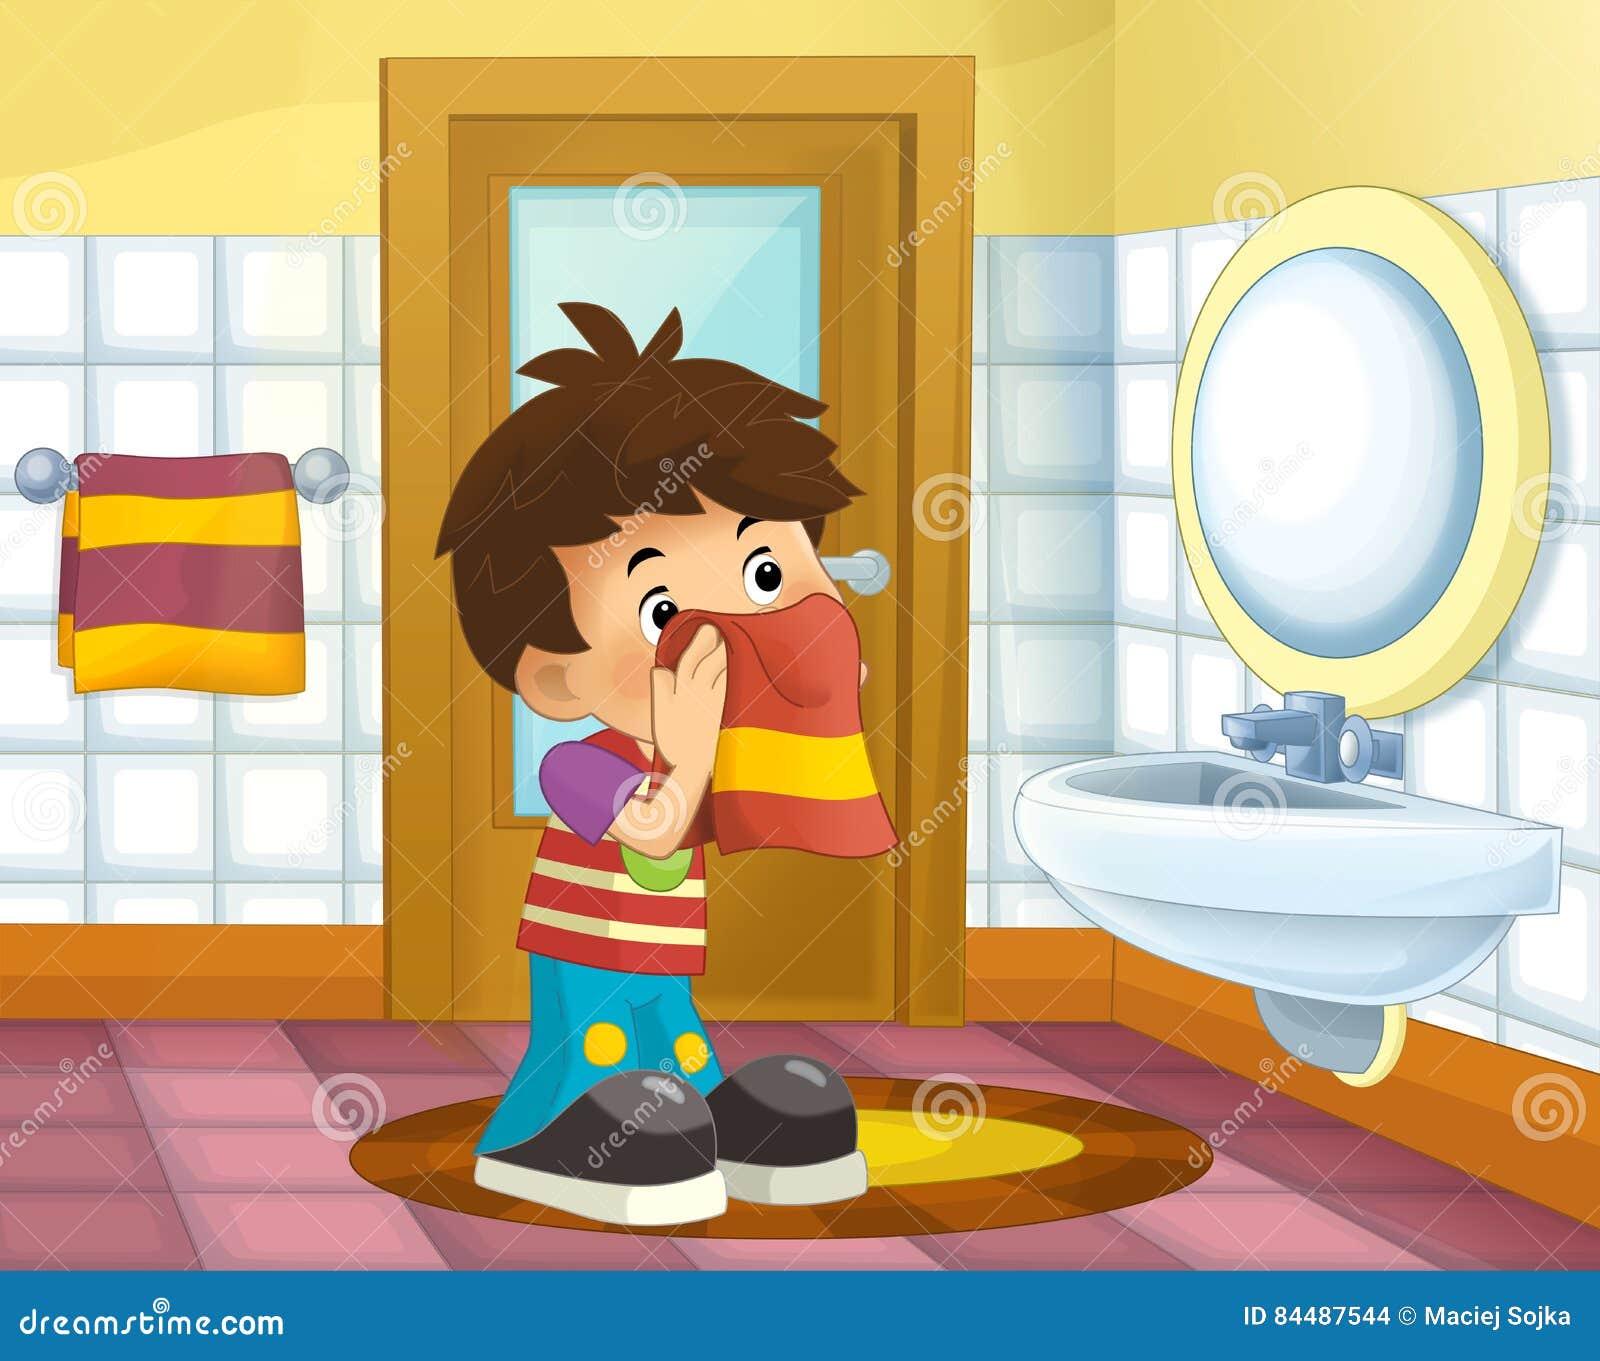 Belle Et Colorée Illustration Pour Les Enfants   Pour Lu0027utilisation  Différente   Pour Des Contes De Fées